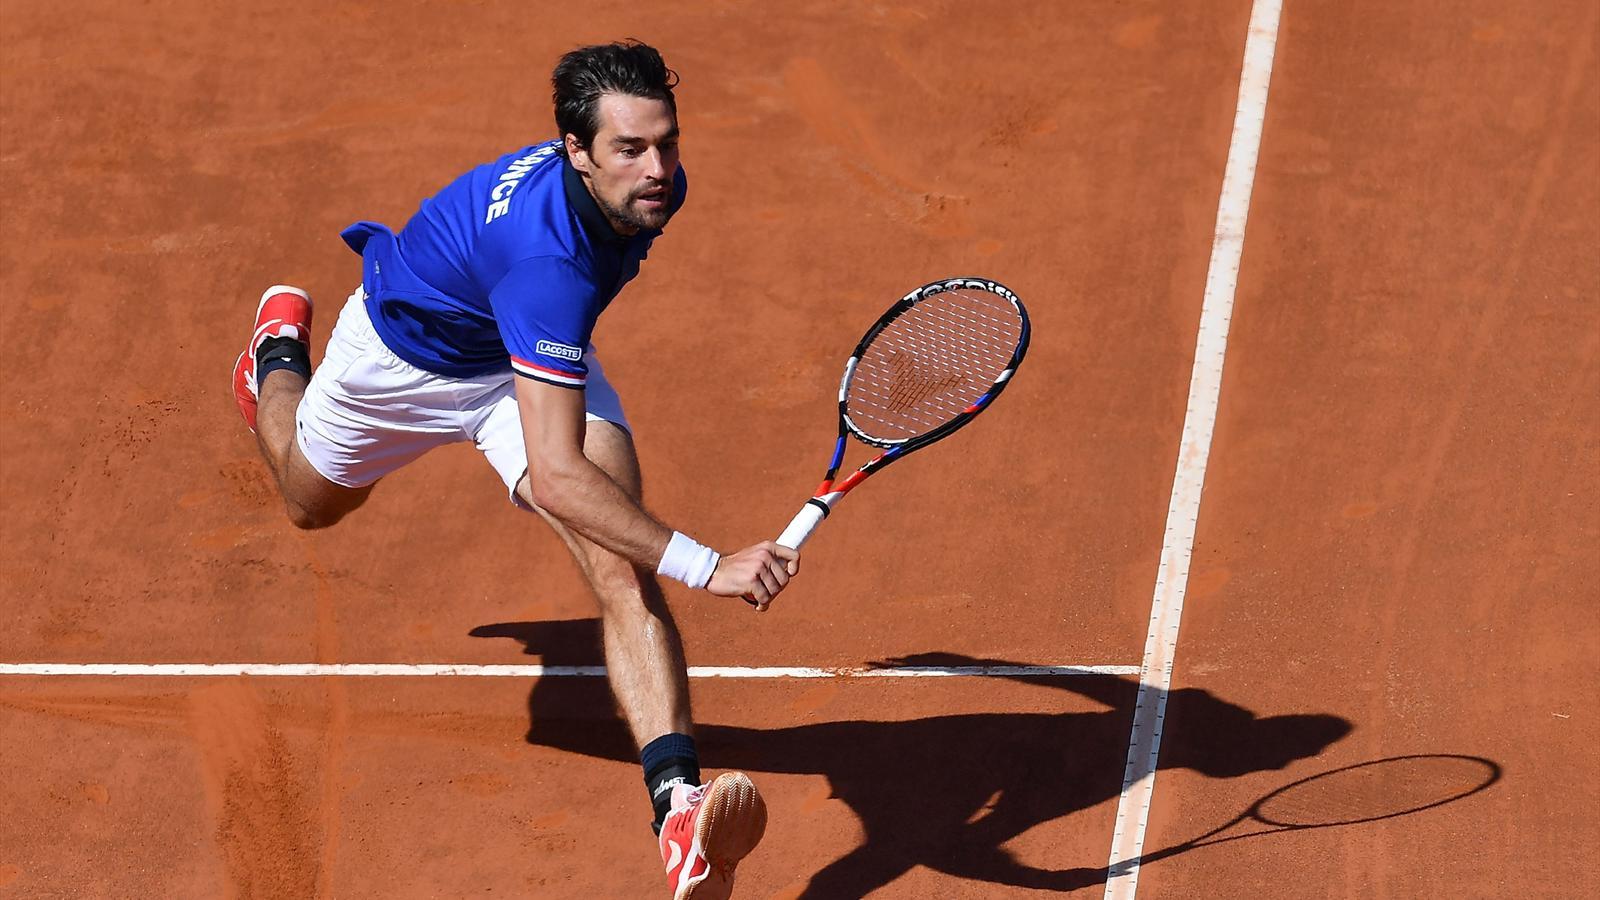 e649e1f7d8 L'Italie égalise face à la France après la défaite de Jérémy Chardy contre  Fabio Fognini - Coupe Davis 2018 - Tennis - Eurosport